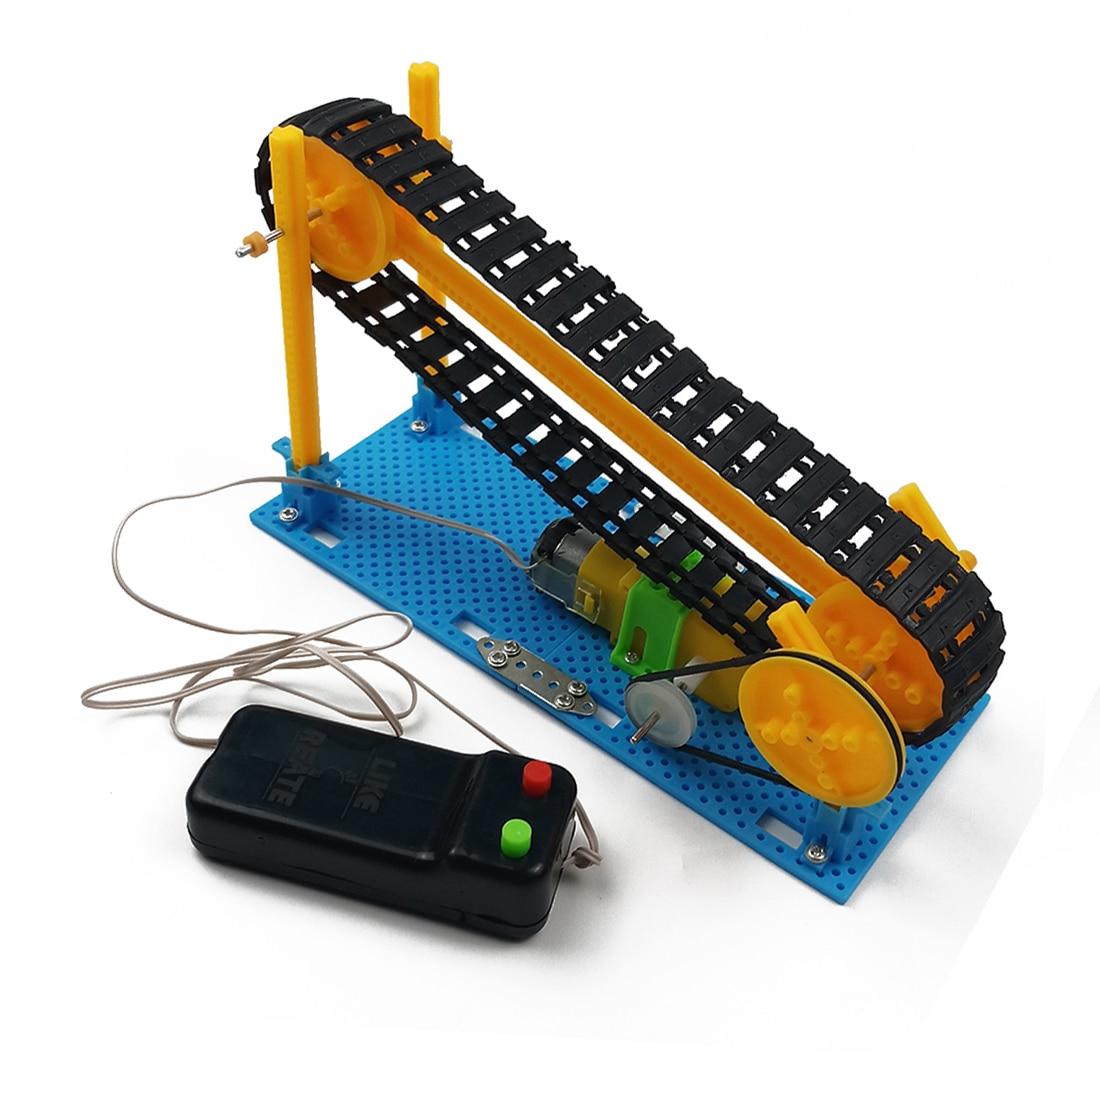 DIY Электрический конвейер модель Паровая игрушка наука физика технология игрушки конвейерная лента развивающие игрушки